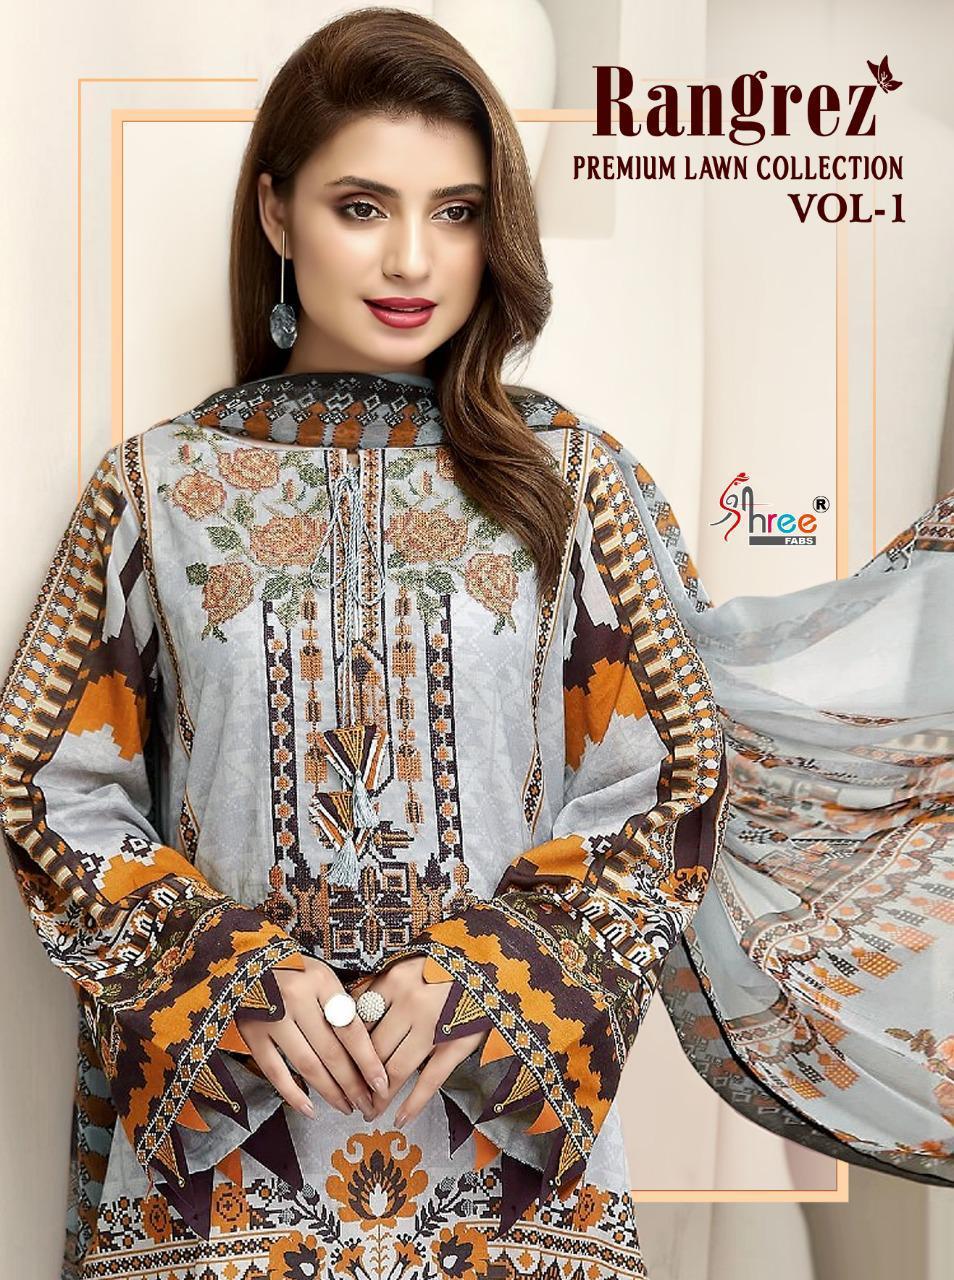 Shree Fabs Rangrez Lawn Premium Collection Vol 1 Salwar Suit Wholesale Catalog 6 Pcs 1 - Shree Fabs Rangrez Premium Lawn Collection Vol 1 Salwar Suit Wholesale Catalog 6 Pcs